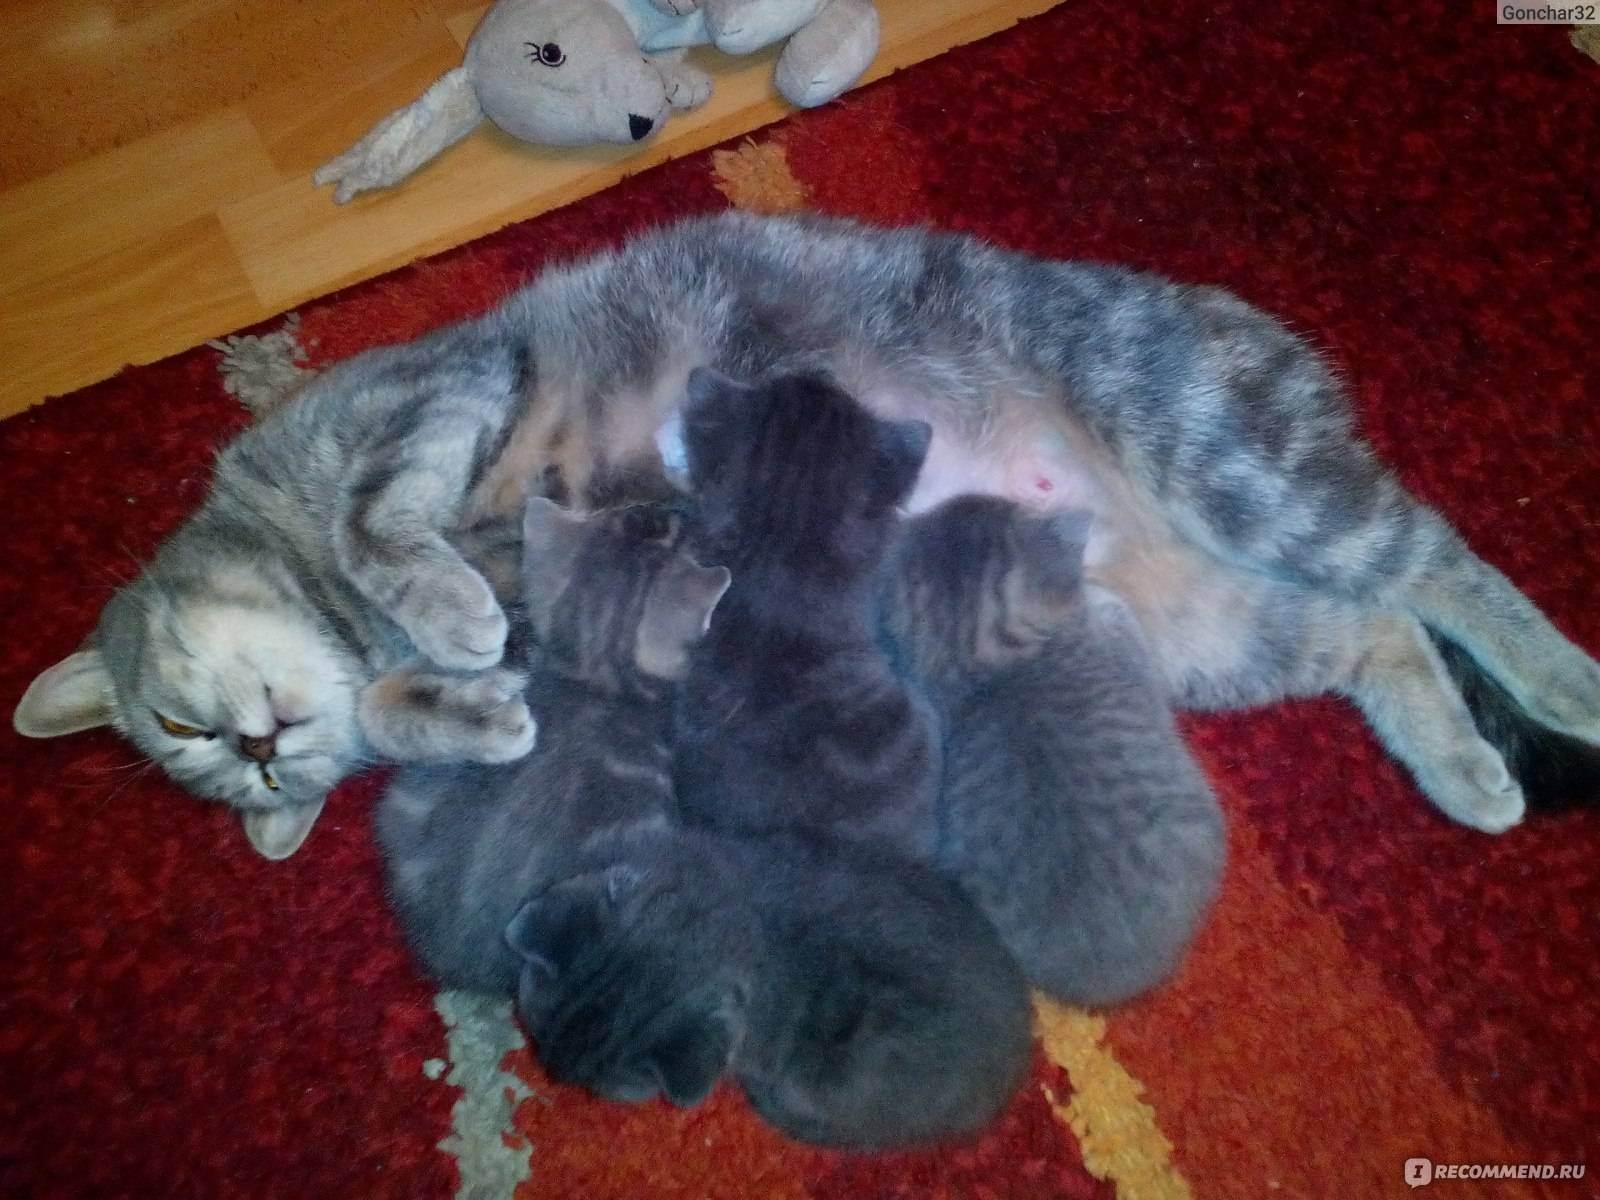 Беременность у кошек: срок, признаки и грамотный уход - kot-pes